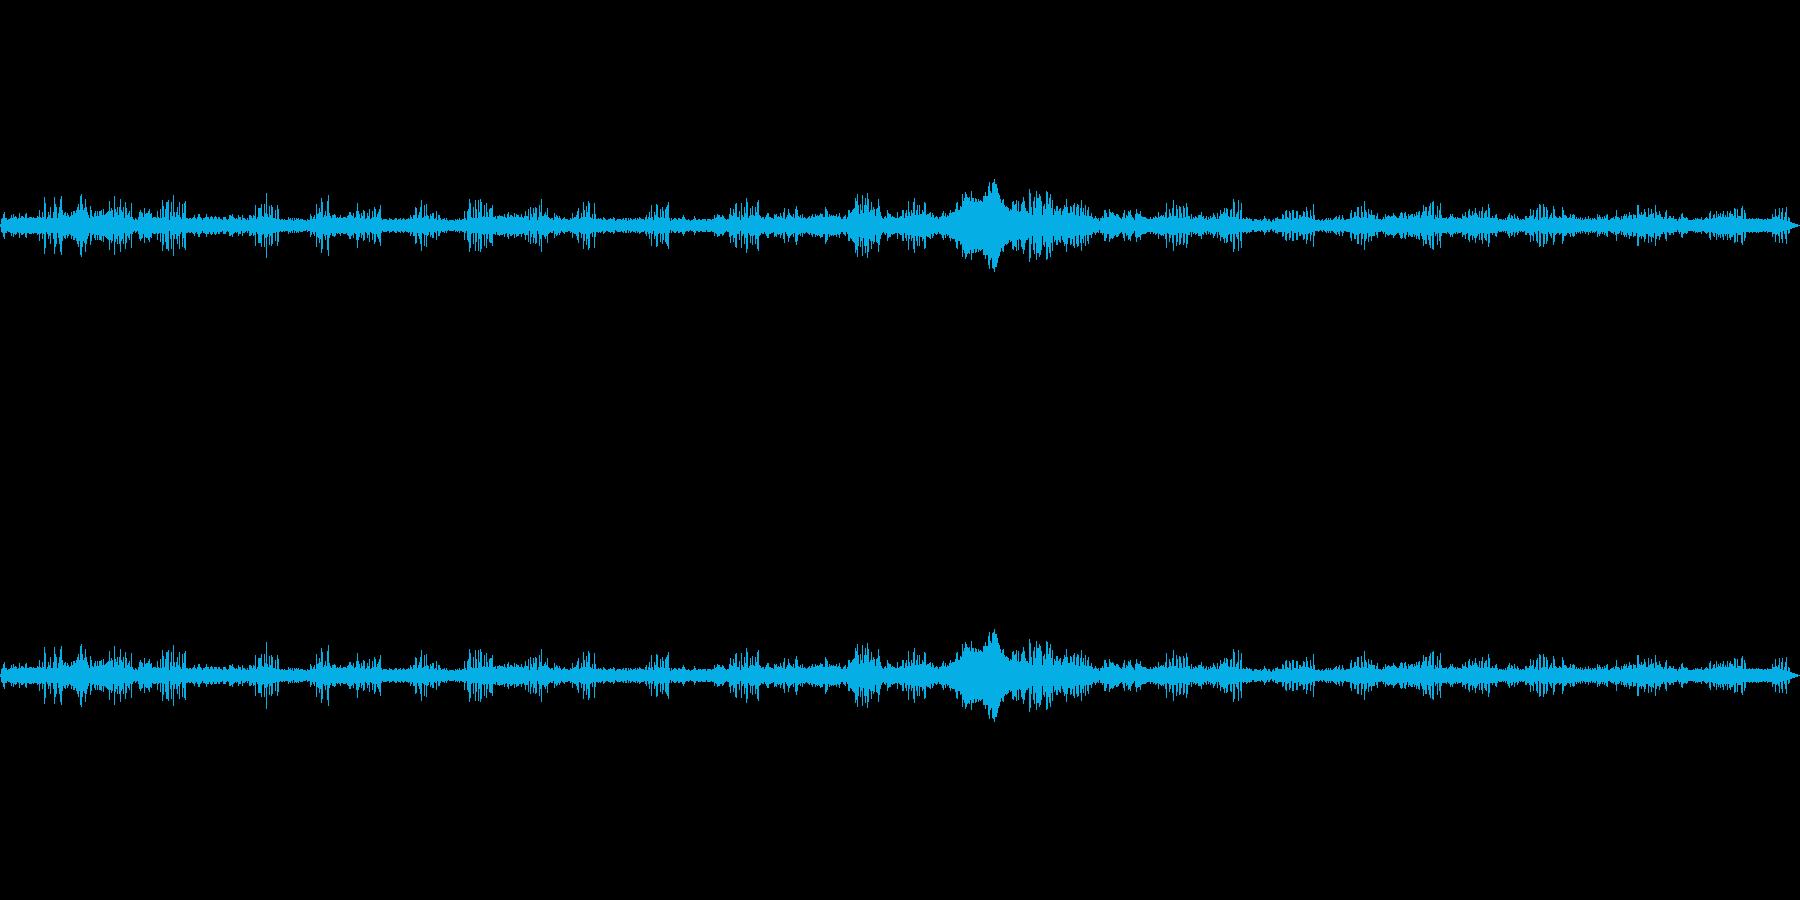 約2分半の長さの鳥の声環境音です。の再生済みの波形